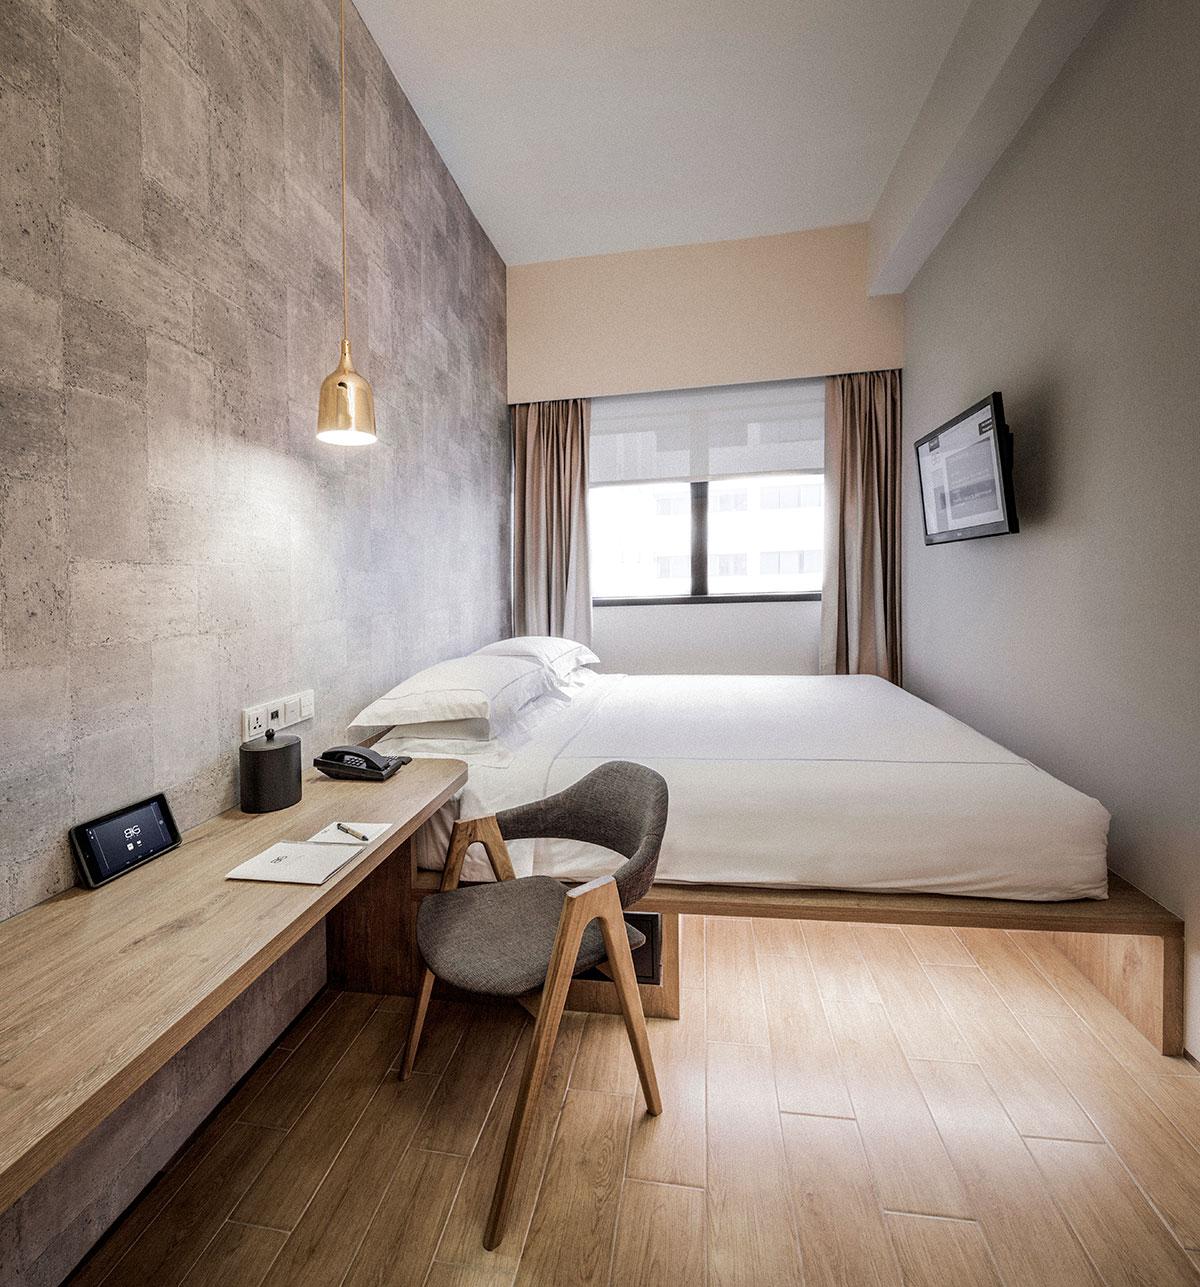 Kinh nghiệm du lịch singapore đặt phòng khách sạn giá rẻ